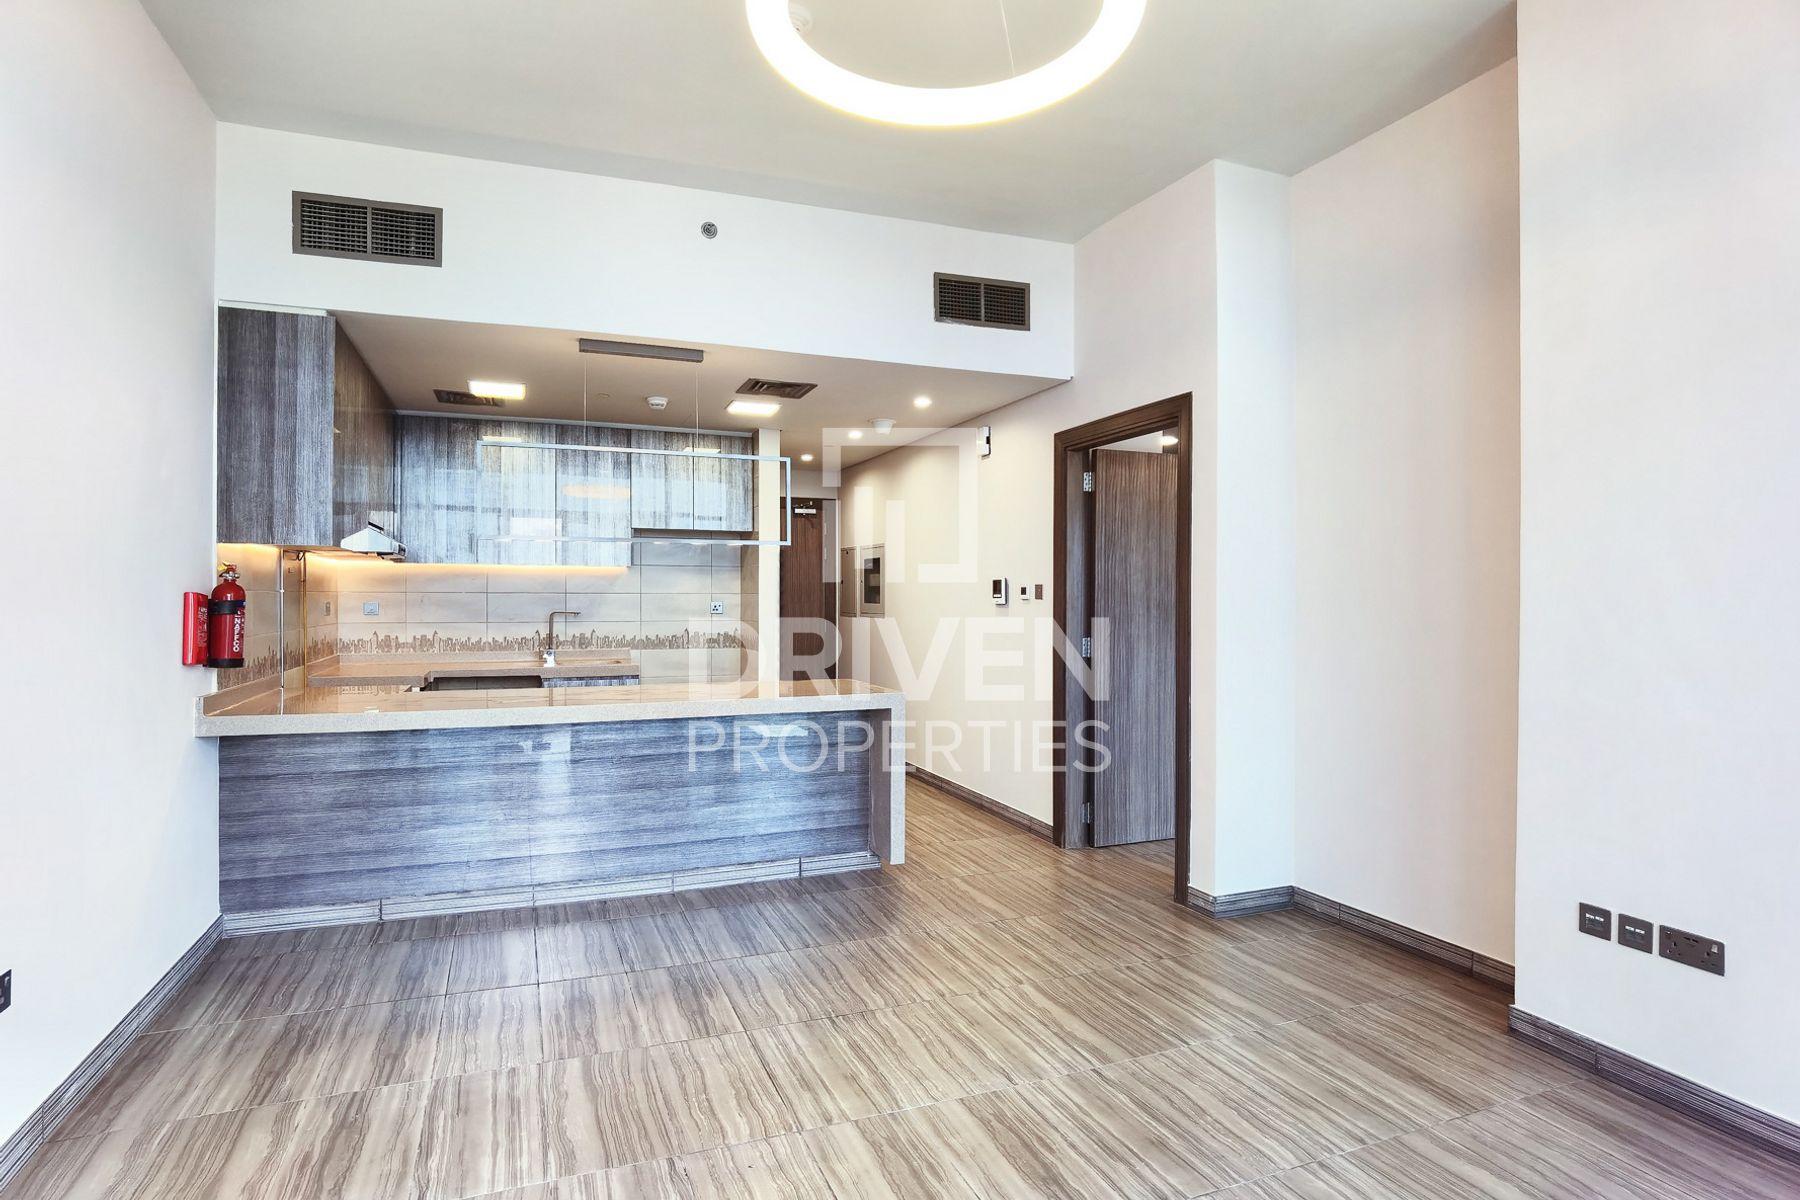 770 قدم مربع  شقة - للبيع - أبراج بحيرة الجميرا